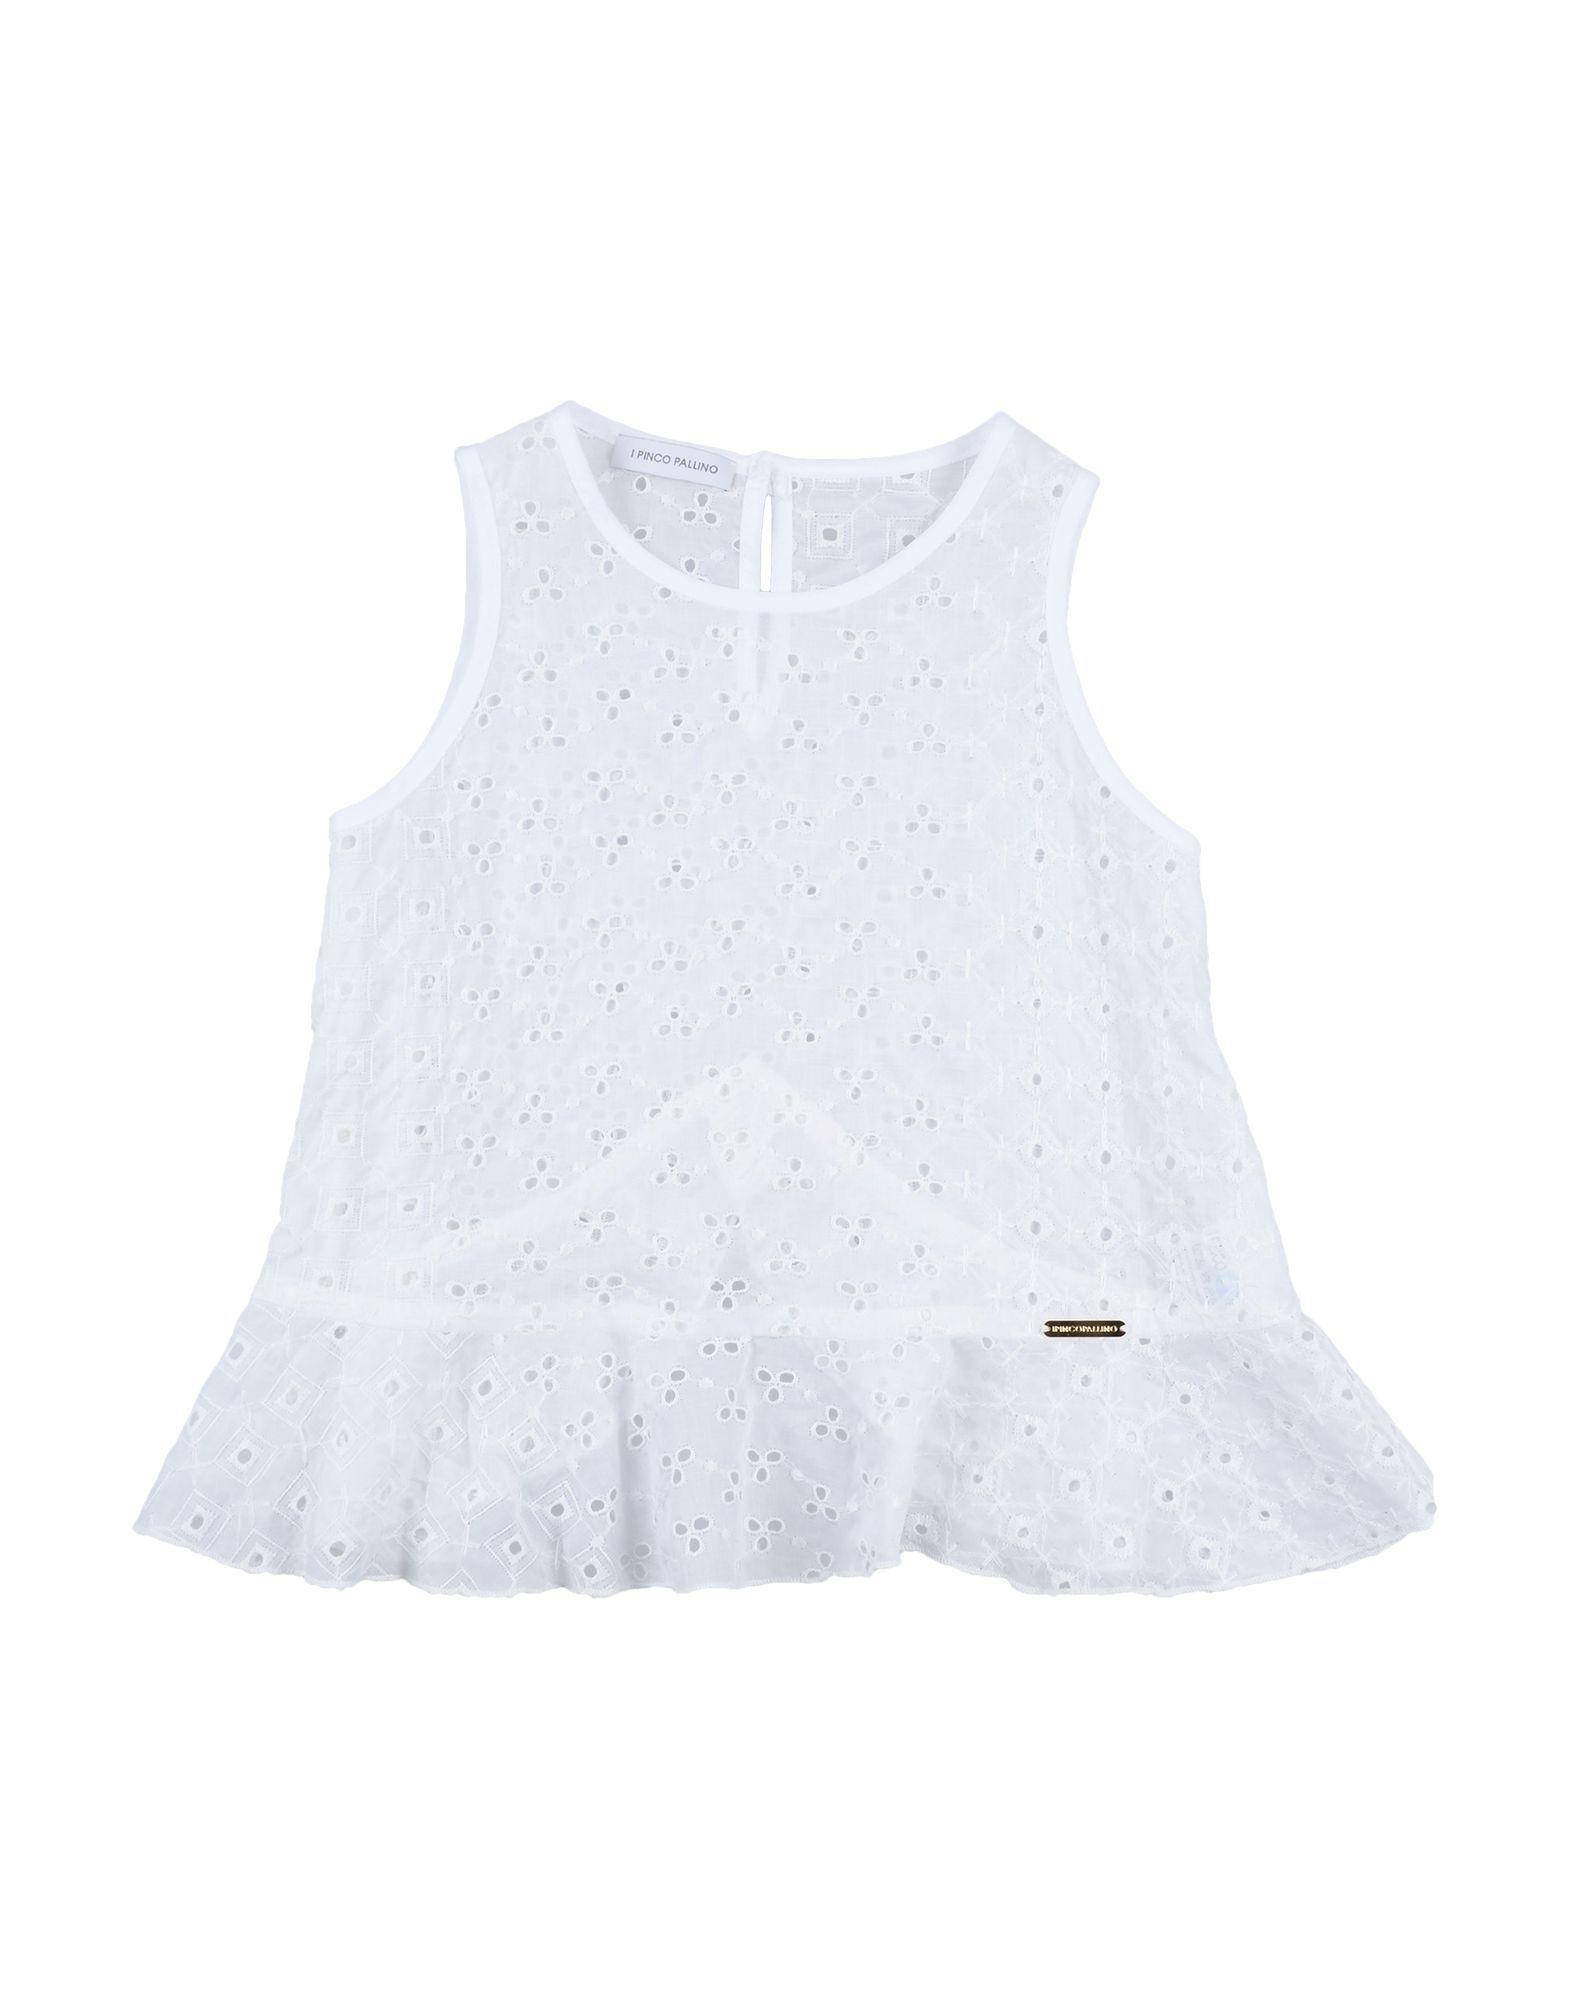 SHIRTS Girl I Pinco Pallino White Cotton